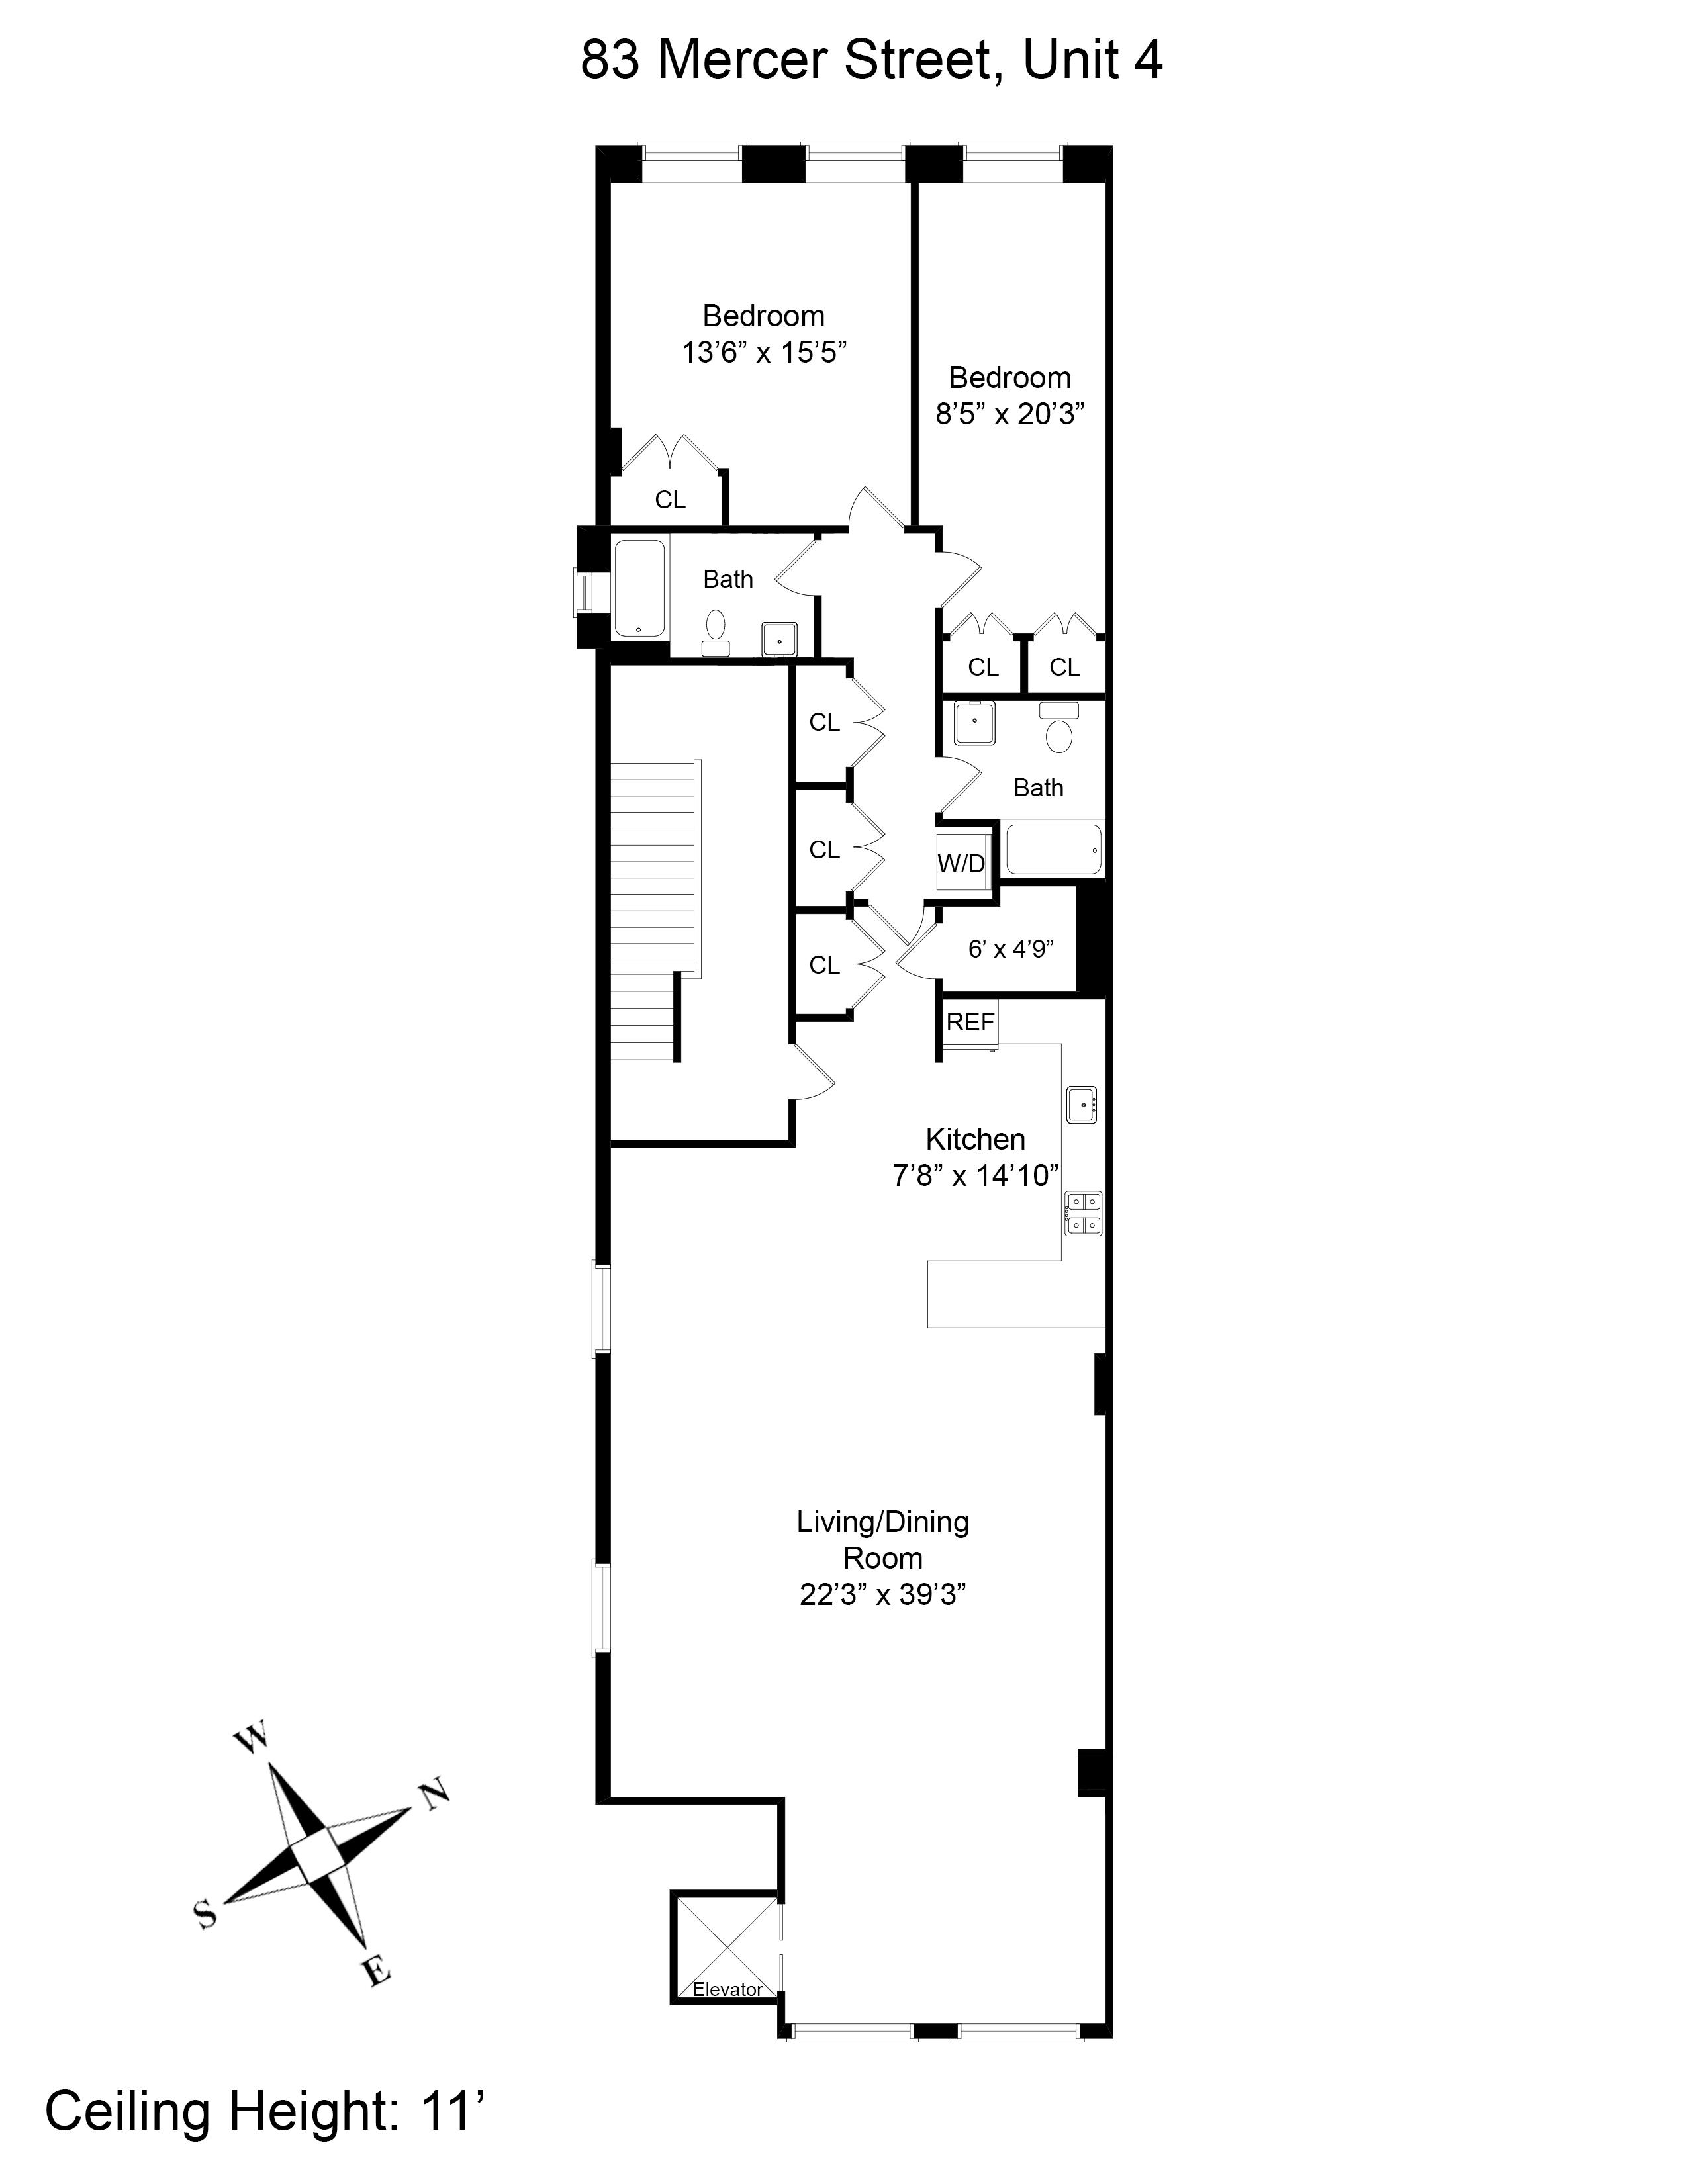 Floor Plan Image 4